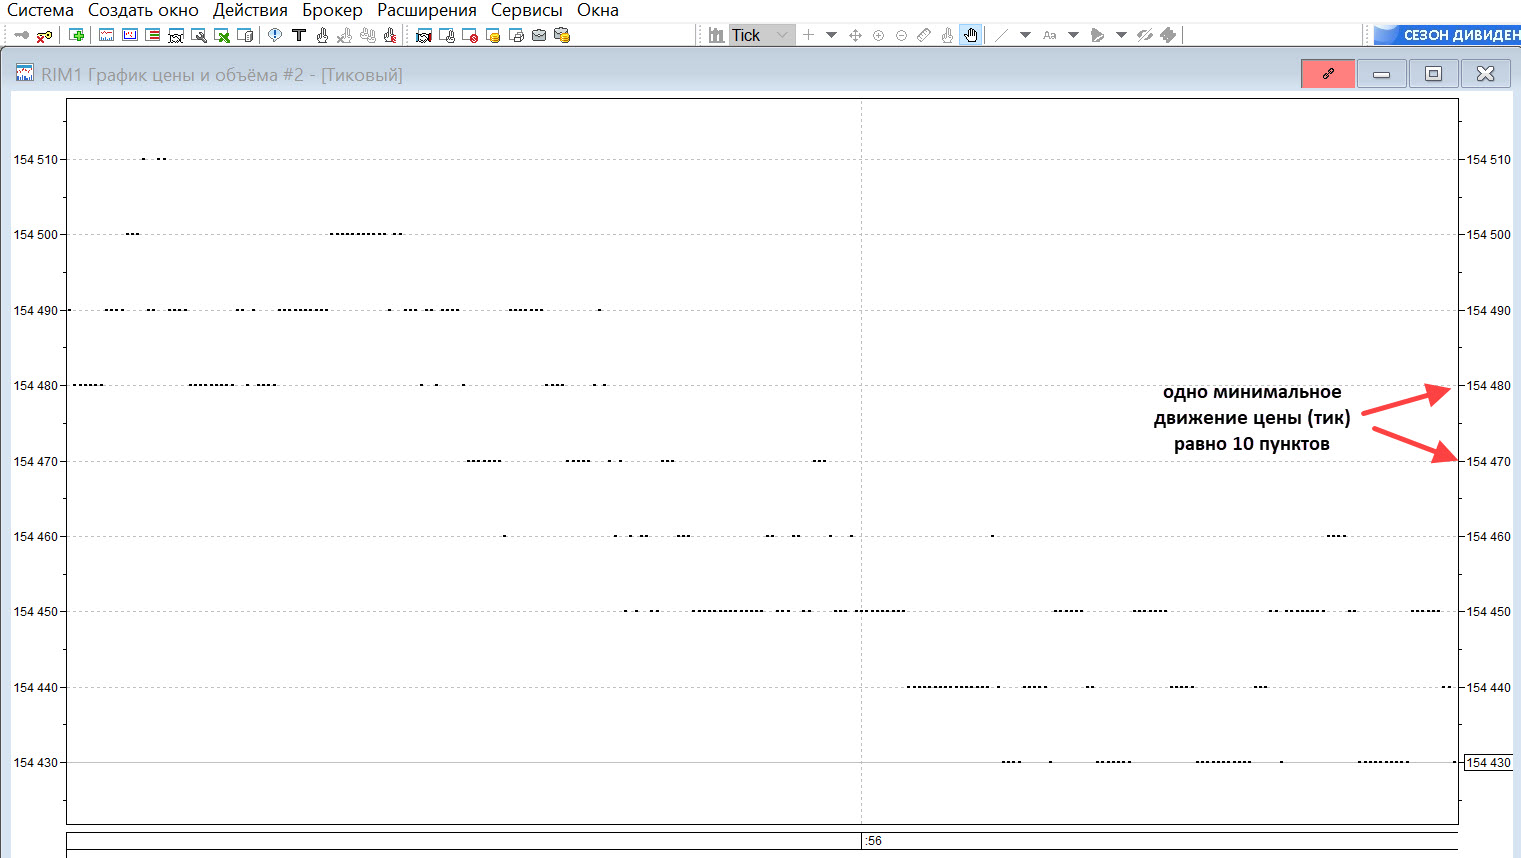 Тиковый график в терминале QUIK